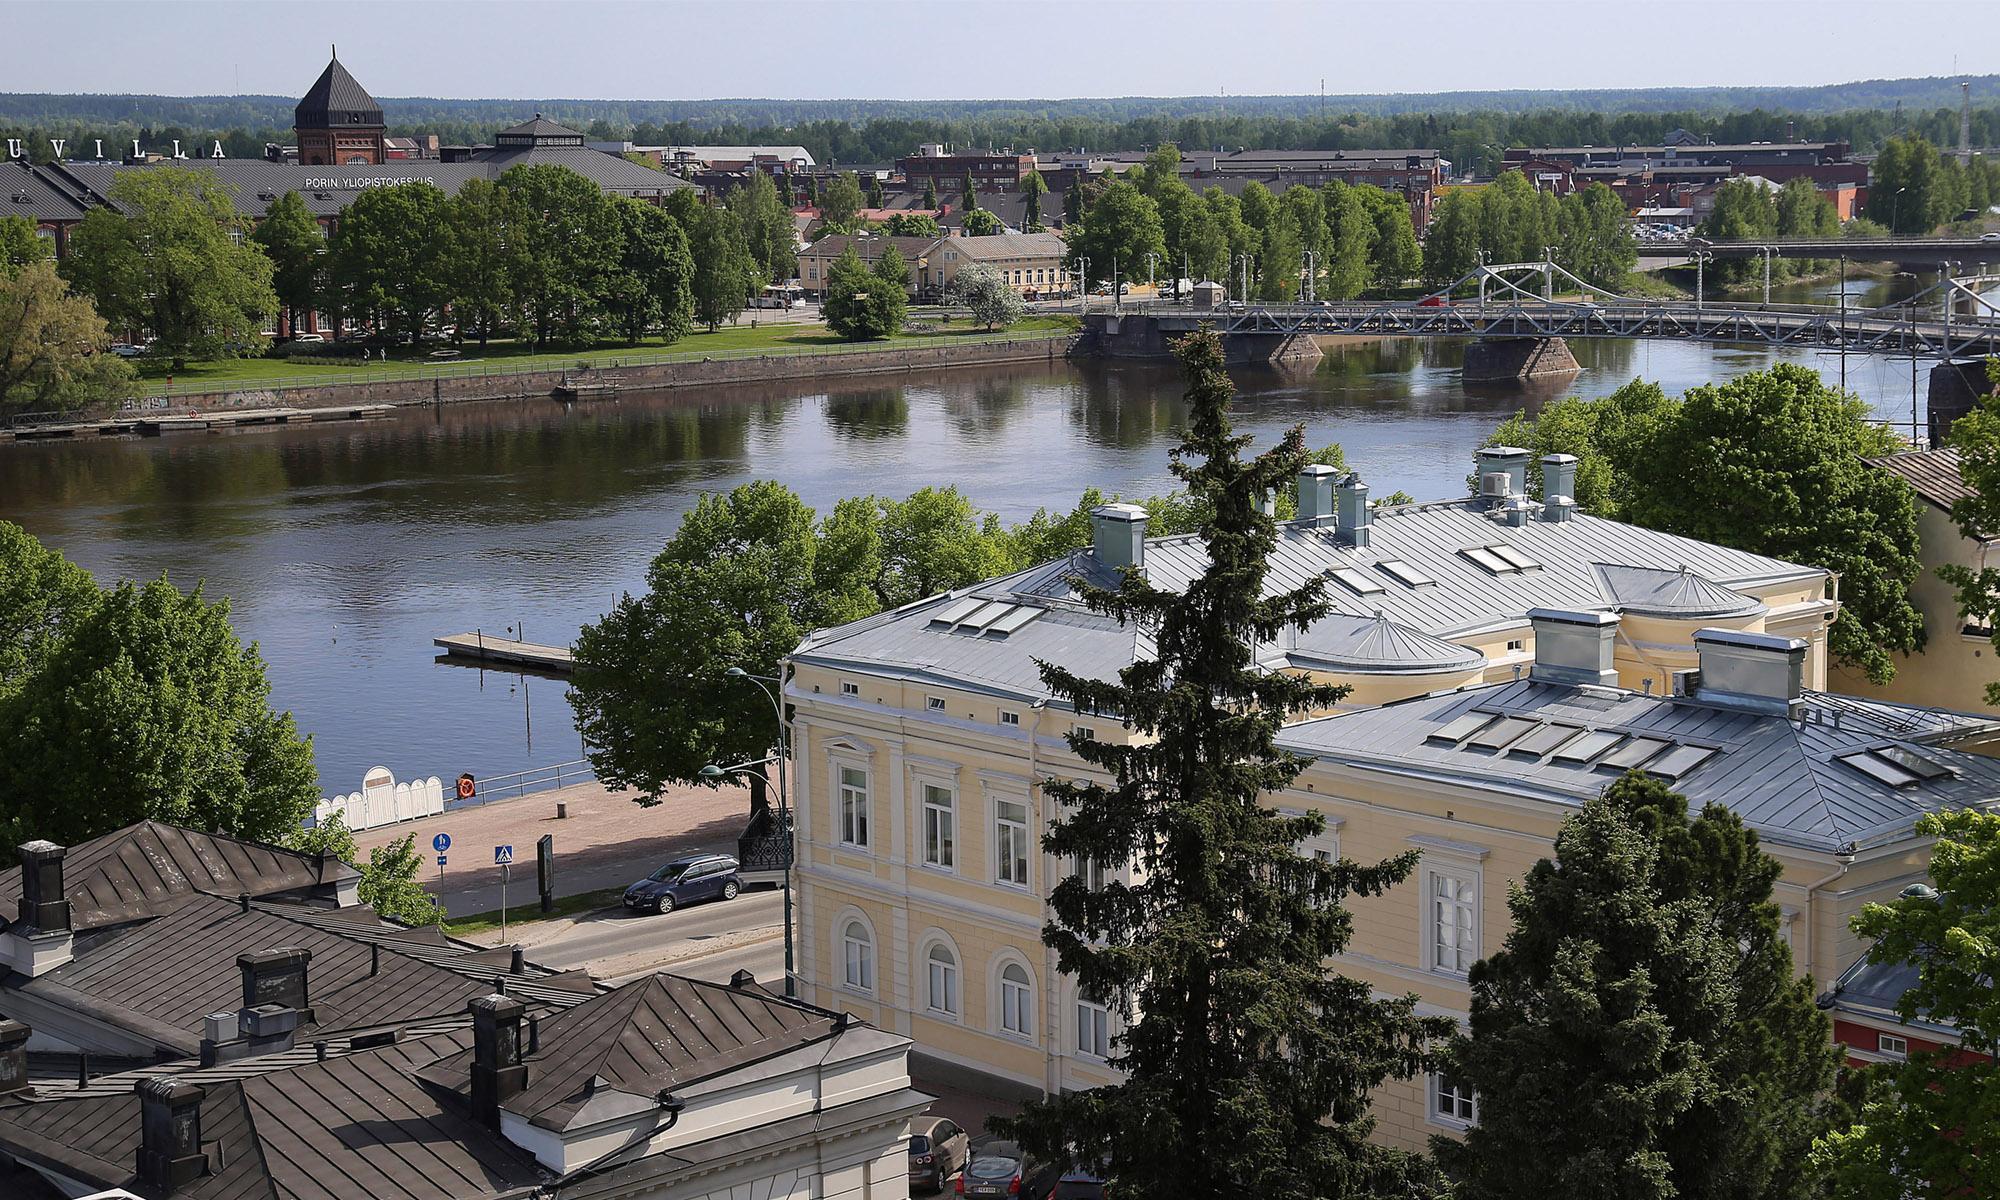 Raatihuoneen tornista Porin Puuvillan suuntaan otettu kuva, etualalla näkyy Kivi-Porin rakennuksia.